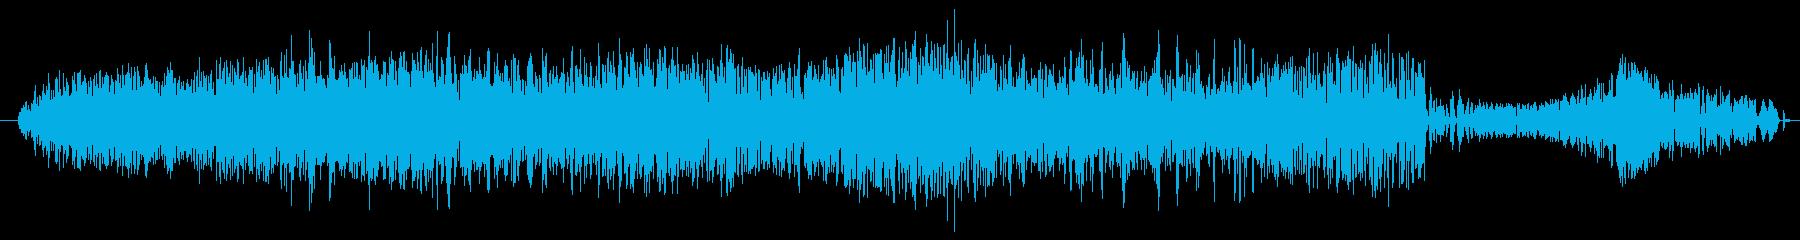 鳴き声 男性の吸うイサキ01の再生済みの波形